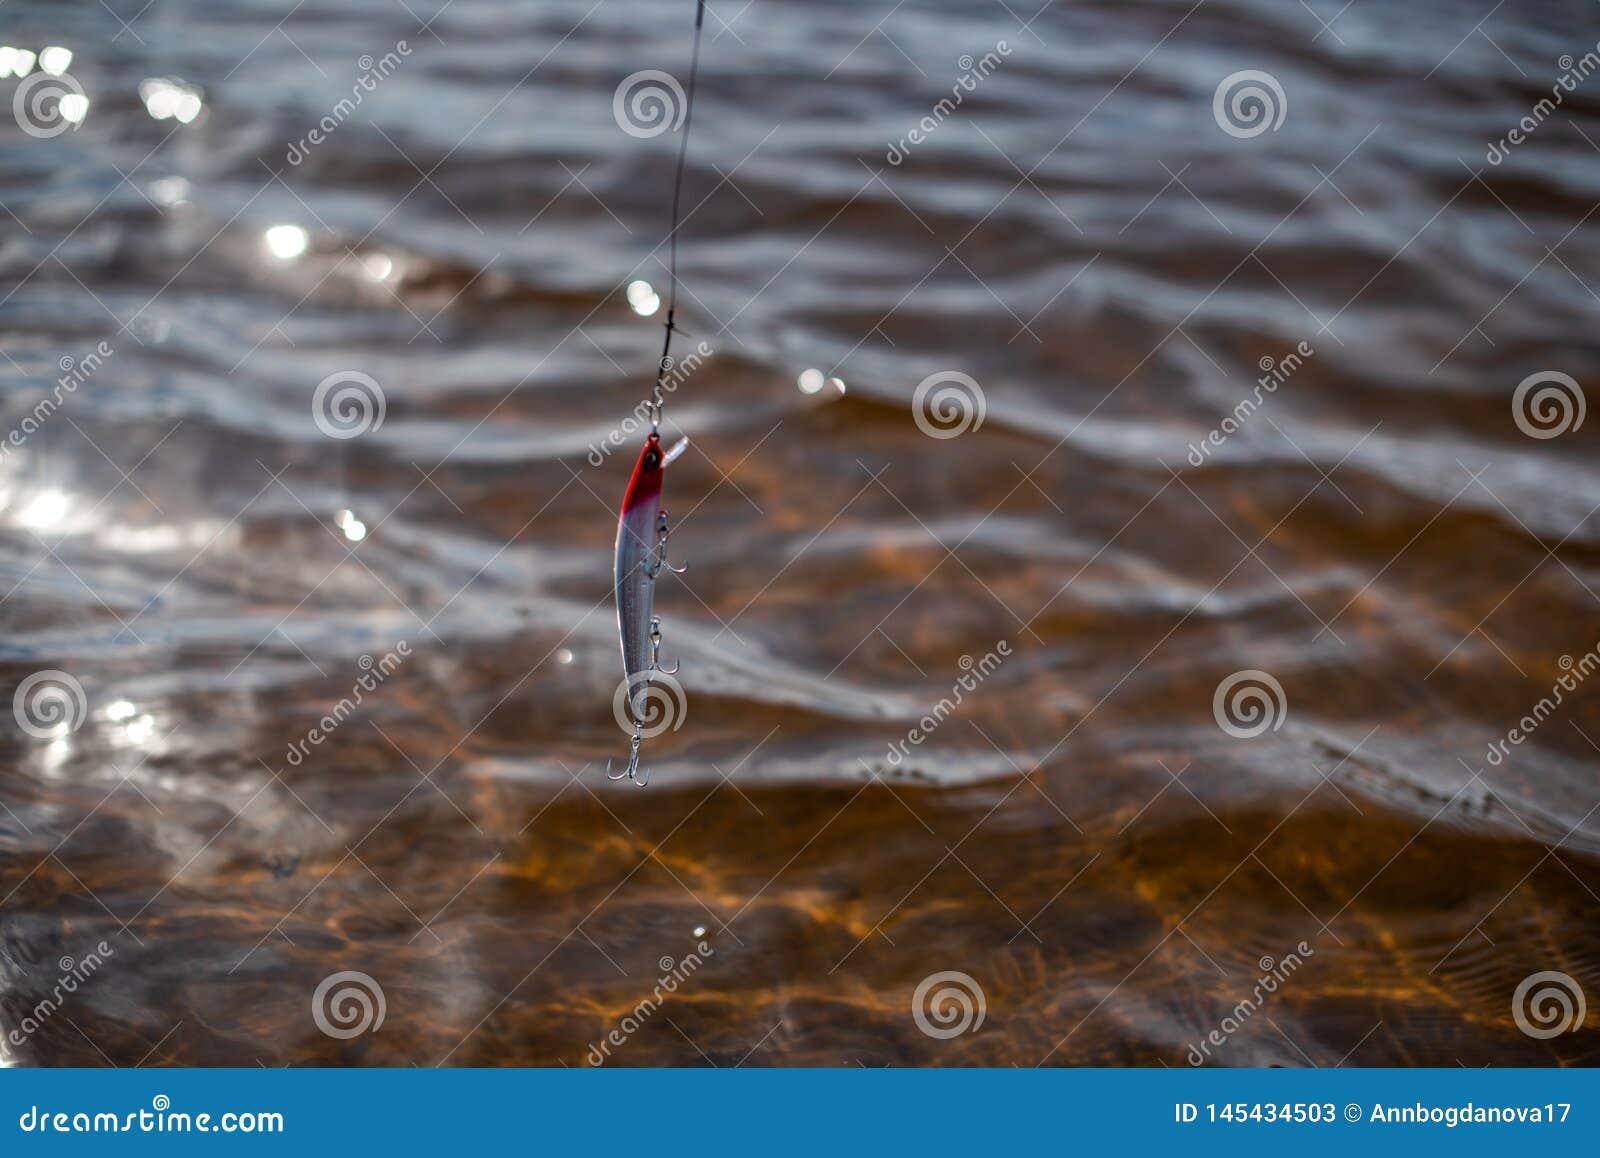 Vistuig voor visserij op de achtergrond van water